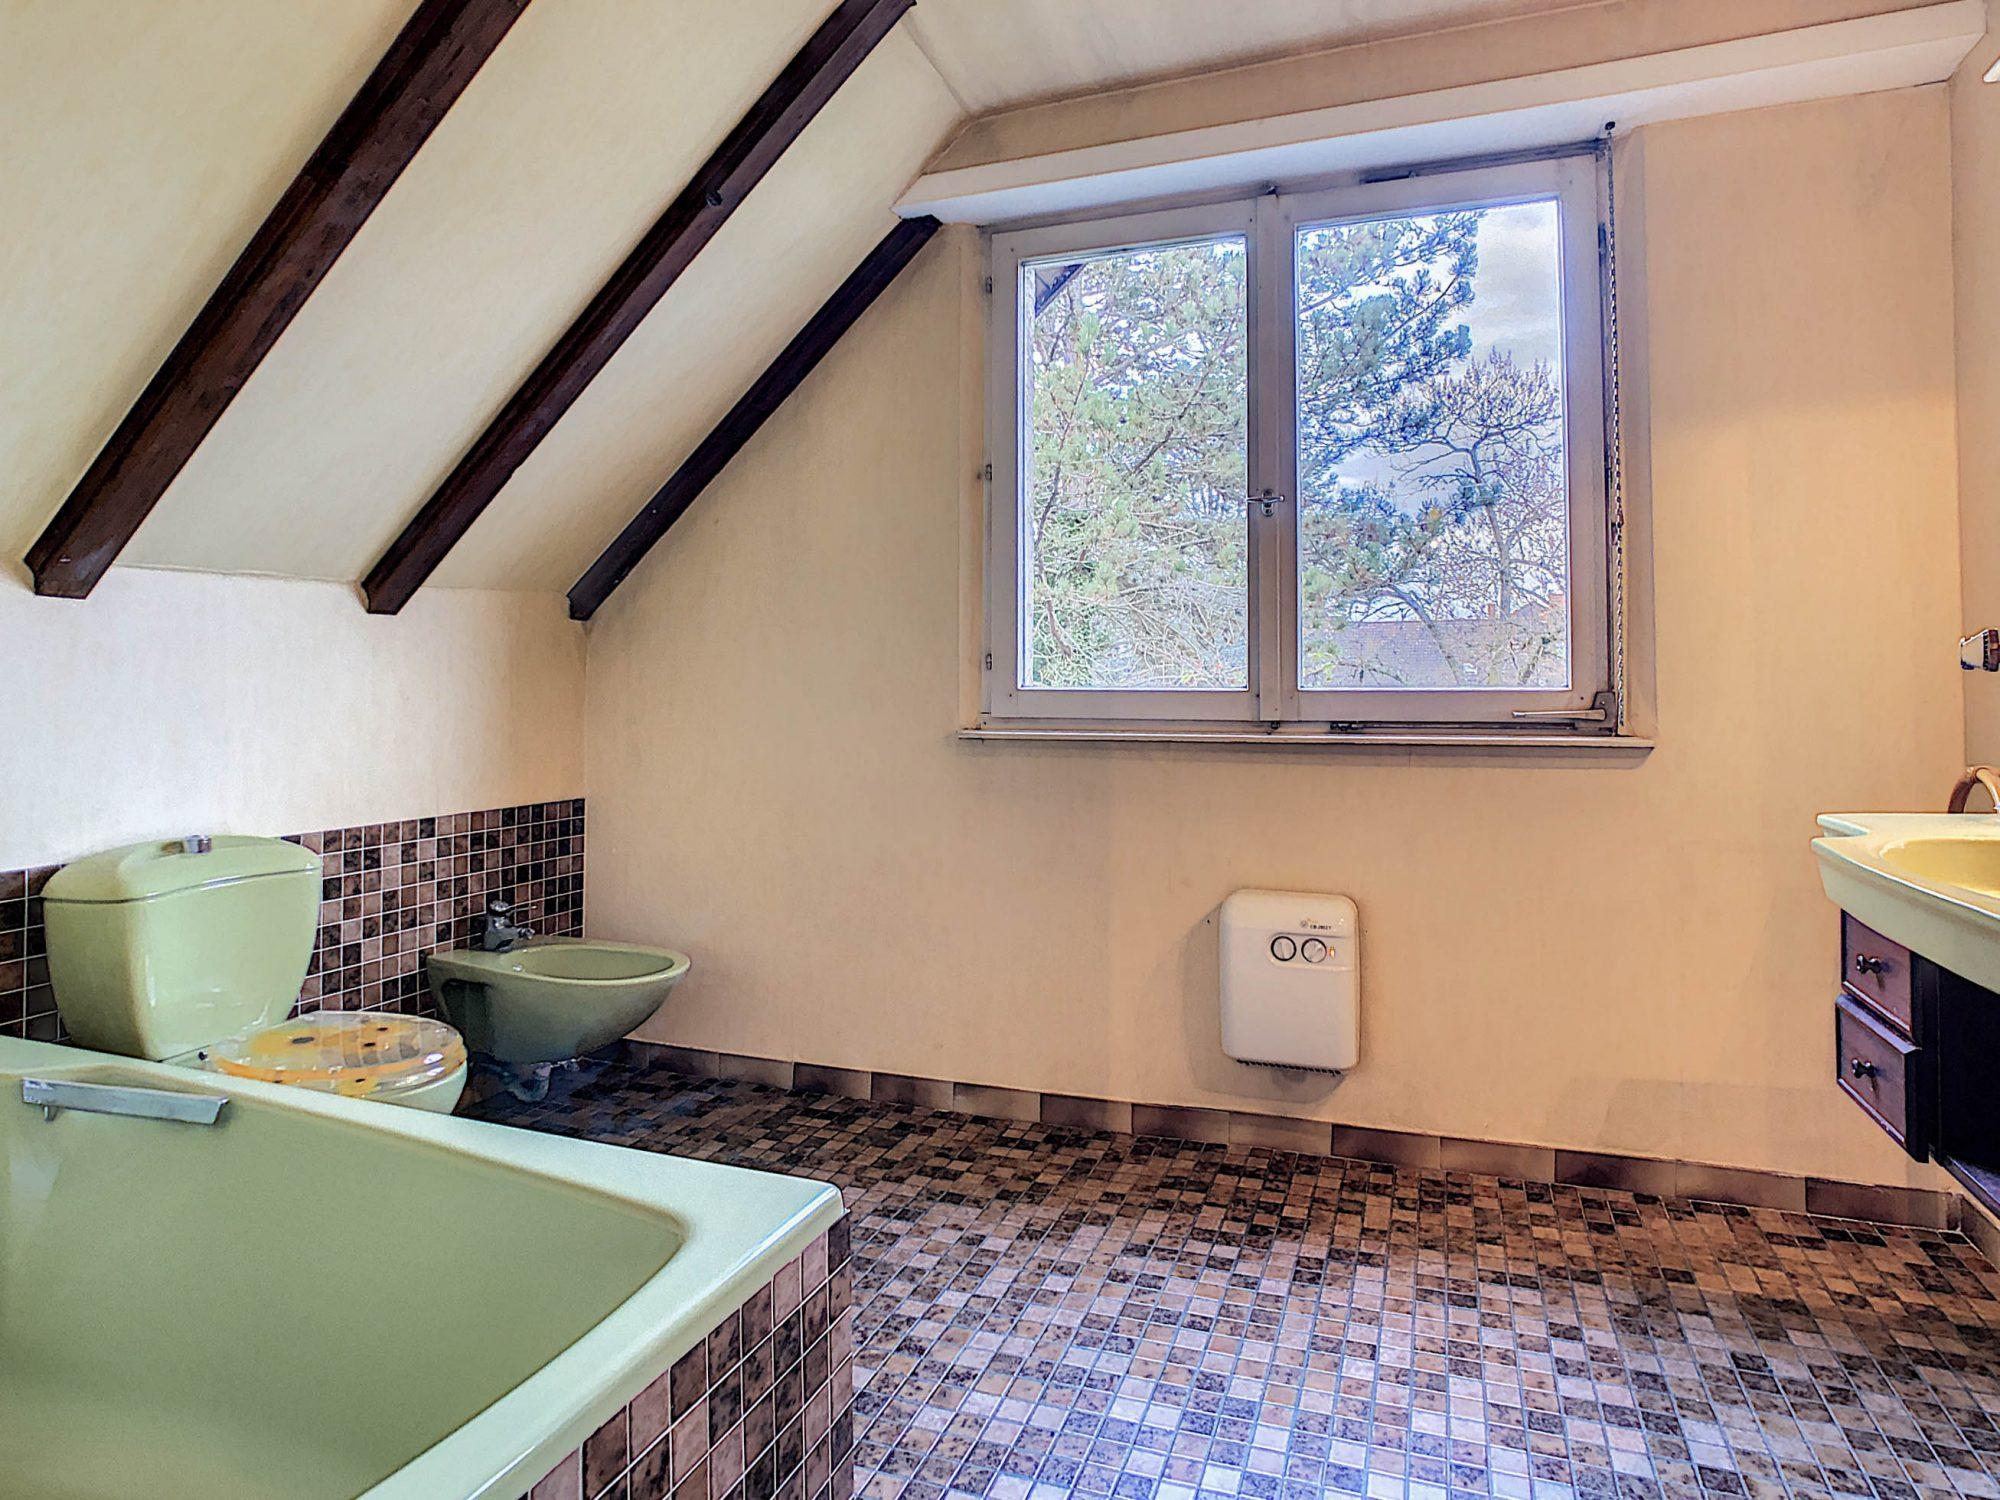 Maison individuelle 8 pièces de 250m2 à Illkirch-Graffenstaden - Devenez propriétaire en toute confiance - Bintz Immobilier - 17